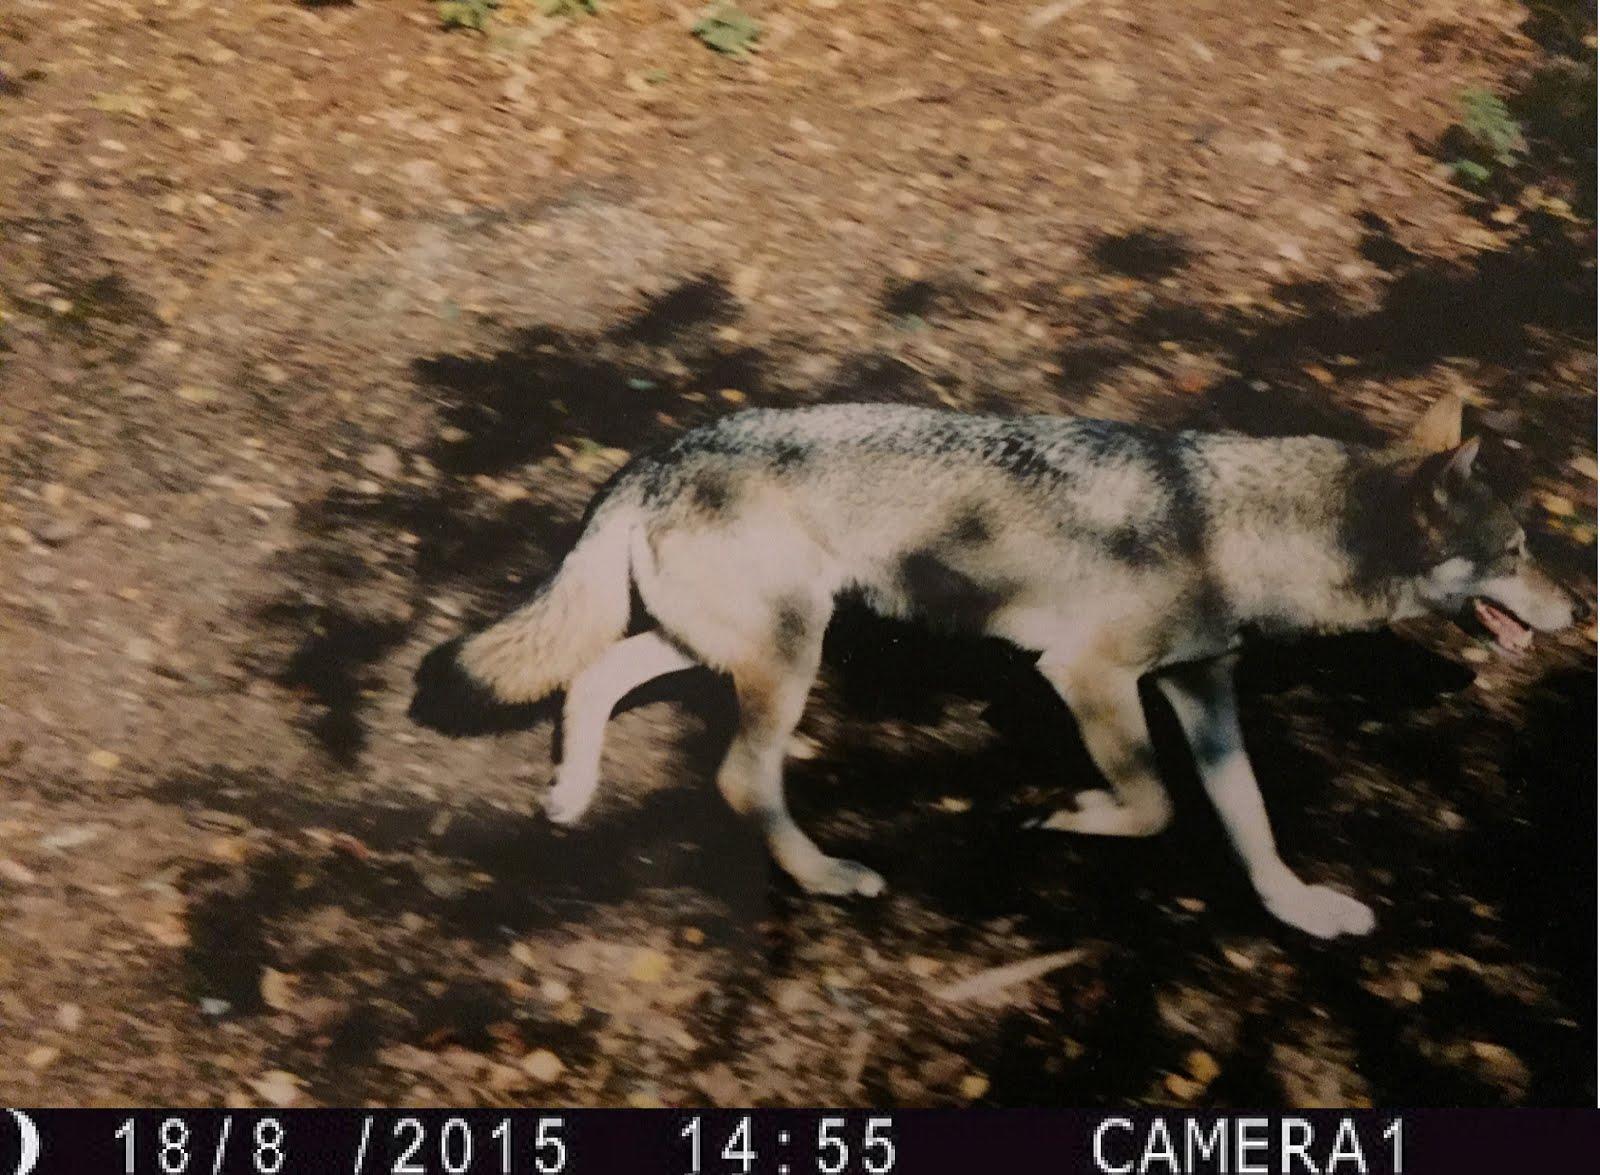 Nyt billede af dansk ulv fra august. 2015